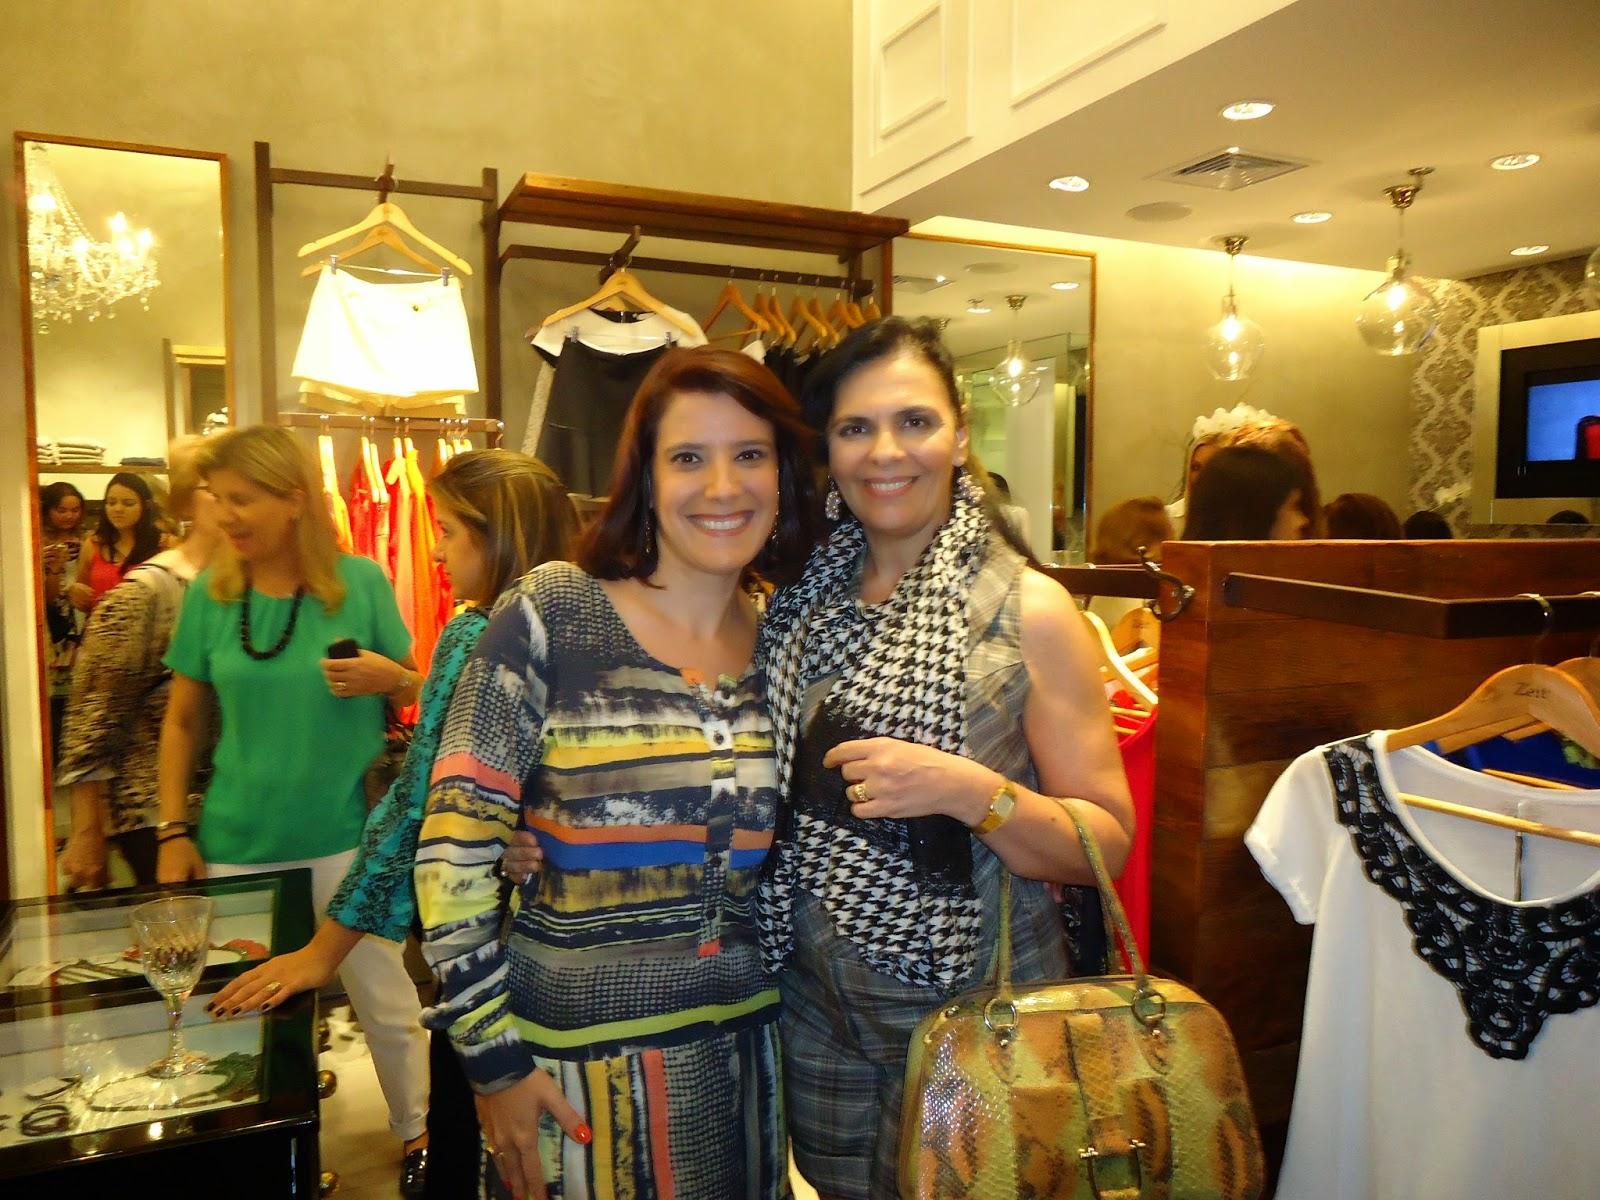 Ontem o RIBEIRÃO SHOPPING deu as boas vindas a ZEIT nova loja de roupas e  acessórios femininos. A Zeit fez sua abertura com muita gente bonita 1f4b64e8b55